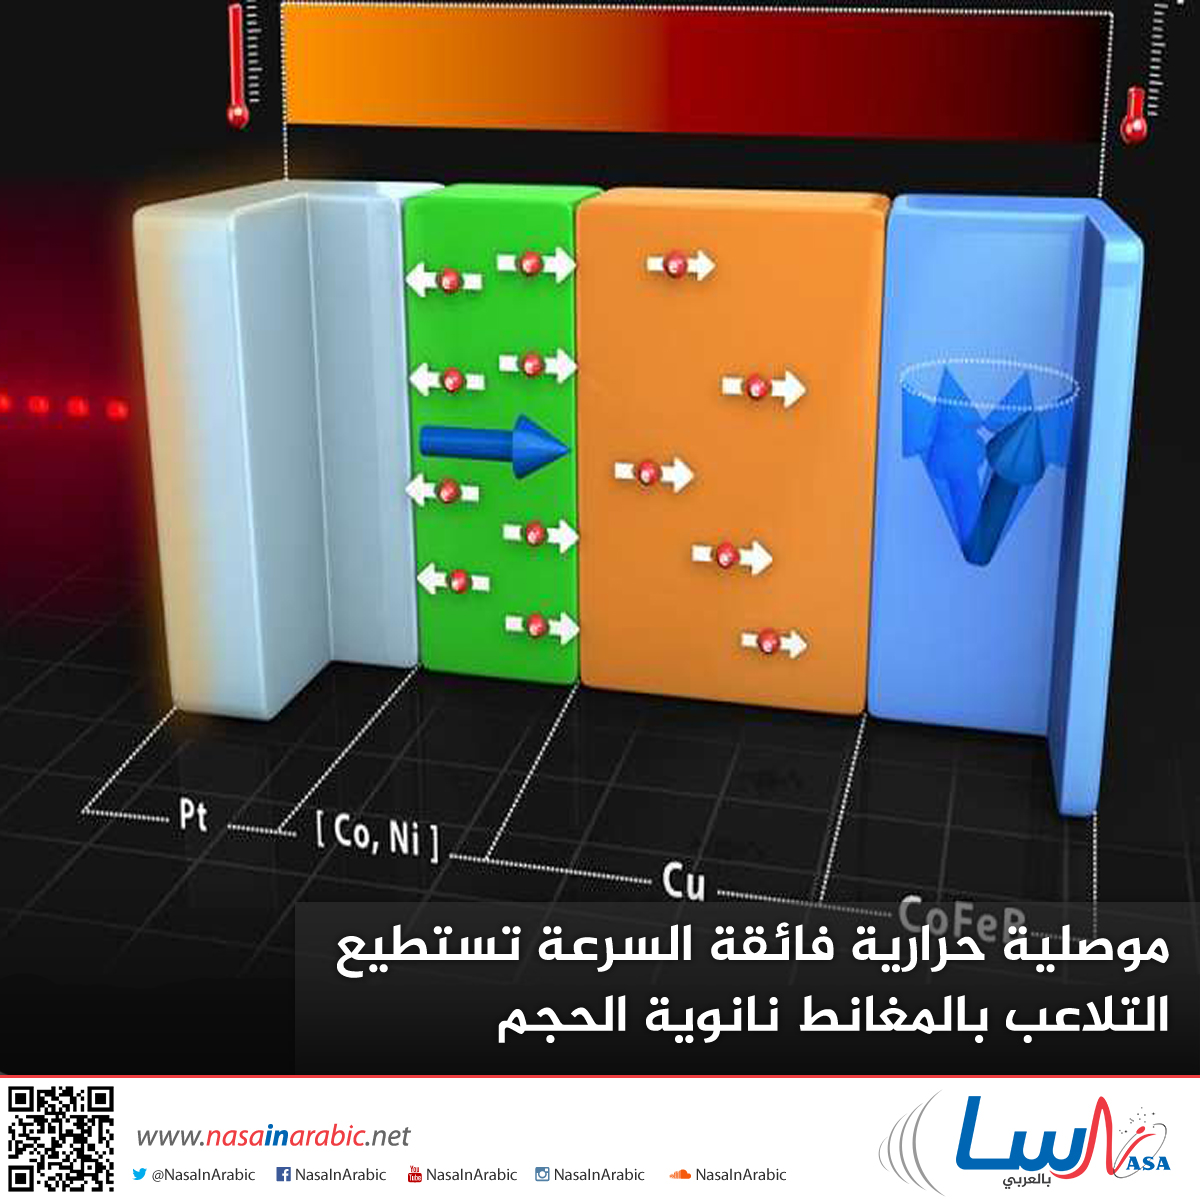 موصلية حرارية فائقة السّرعة تستطيع التّلاعب بالمغانط نانويّة الحجم